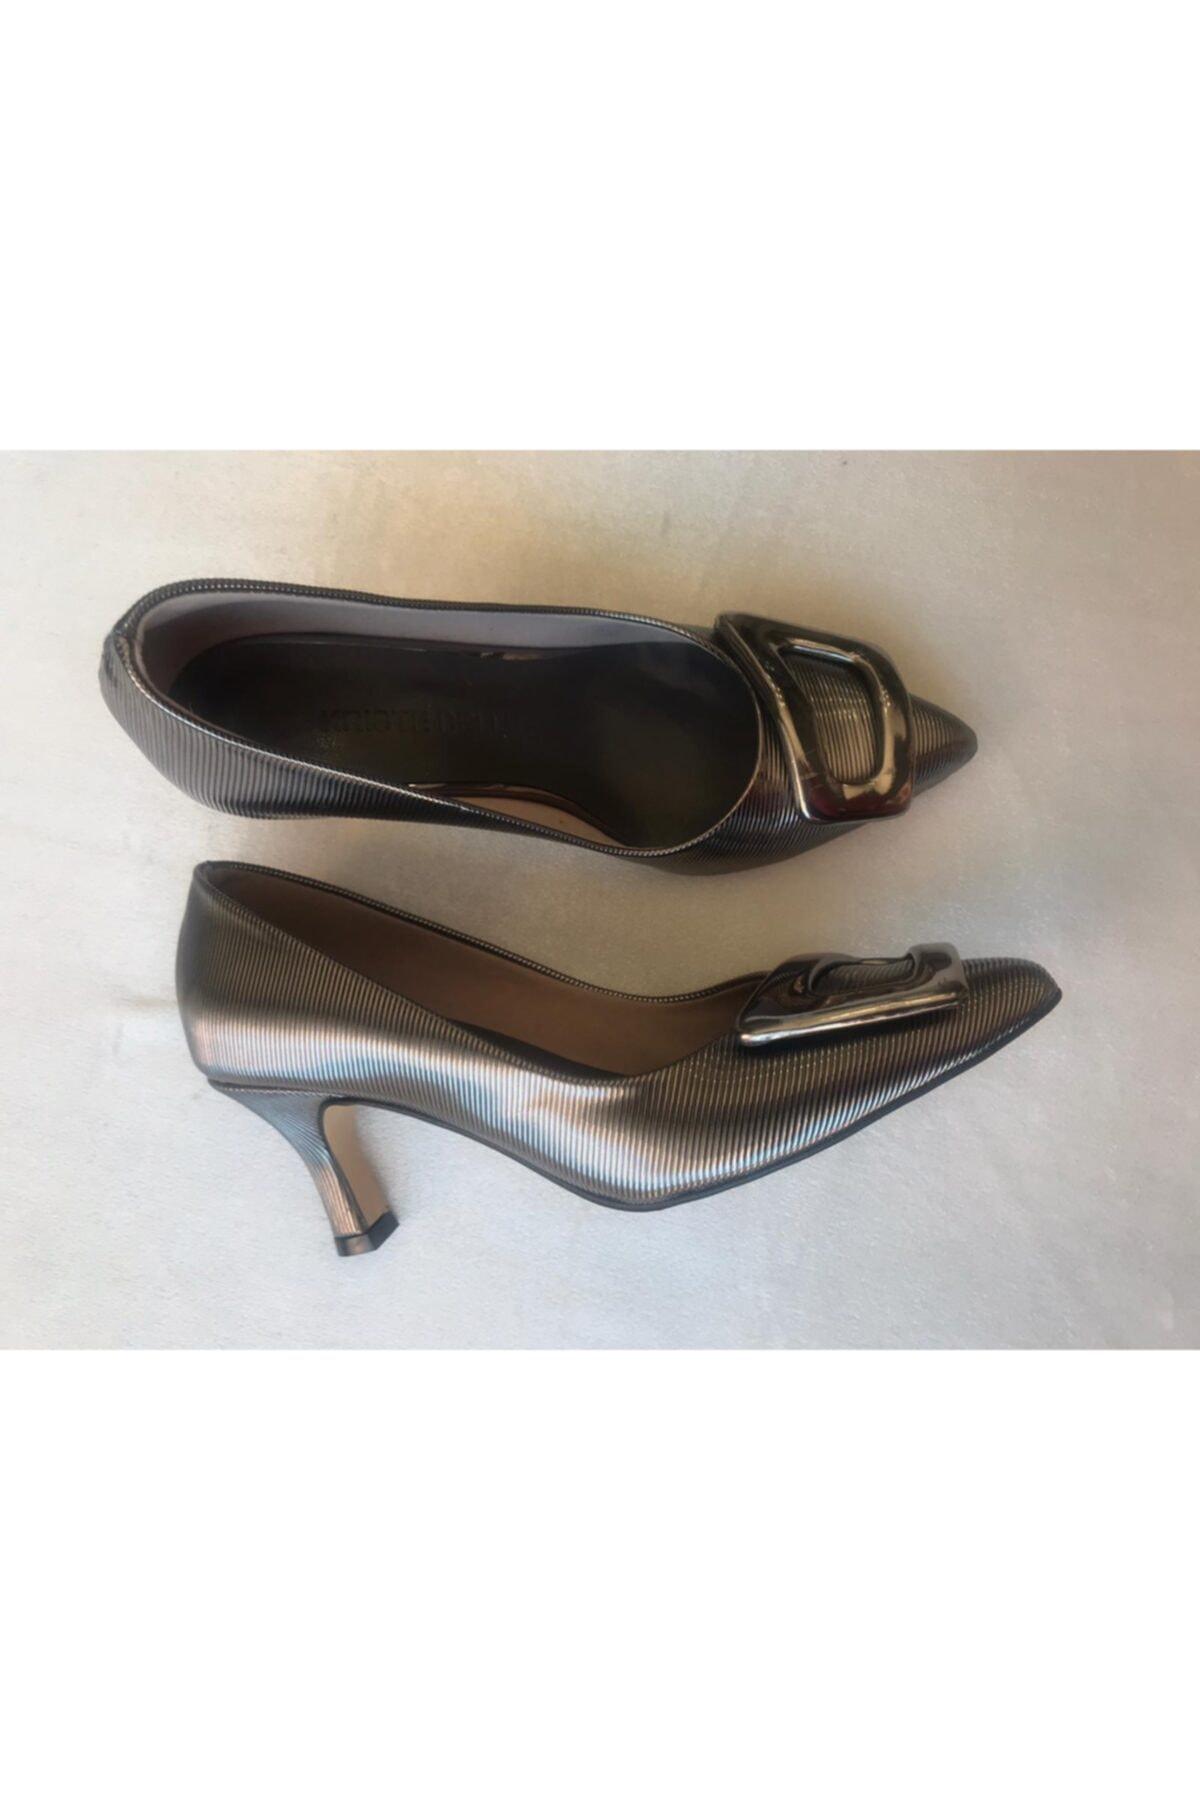 KRISTE BELL Gri Topuklu Kadın Ayakkabı 2